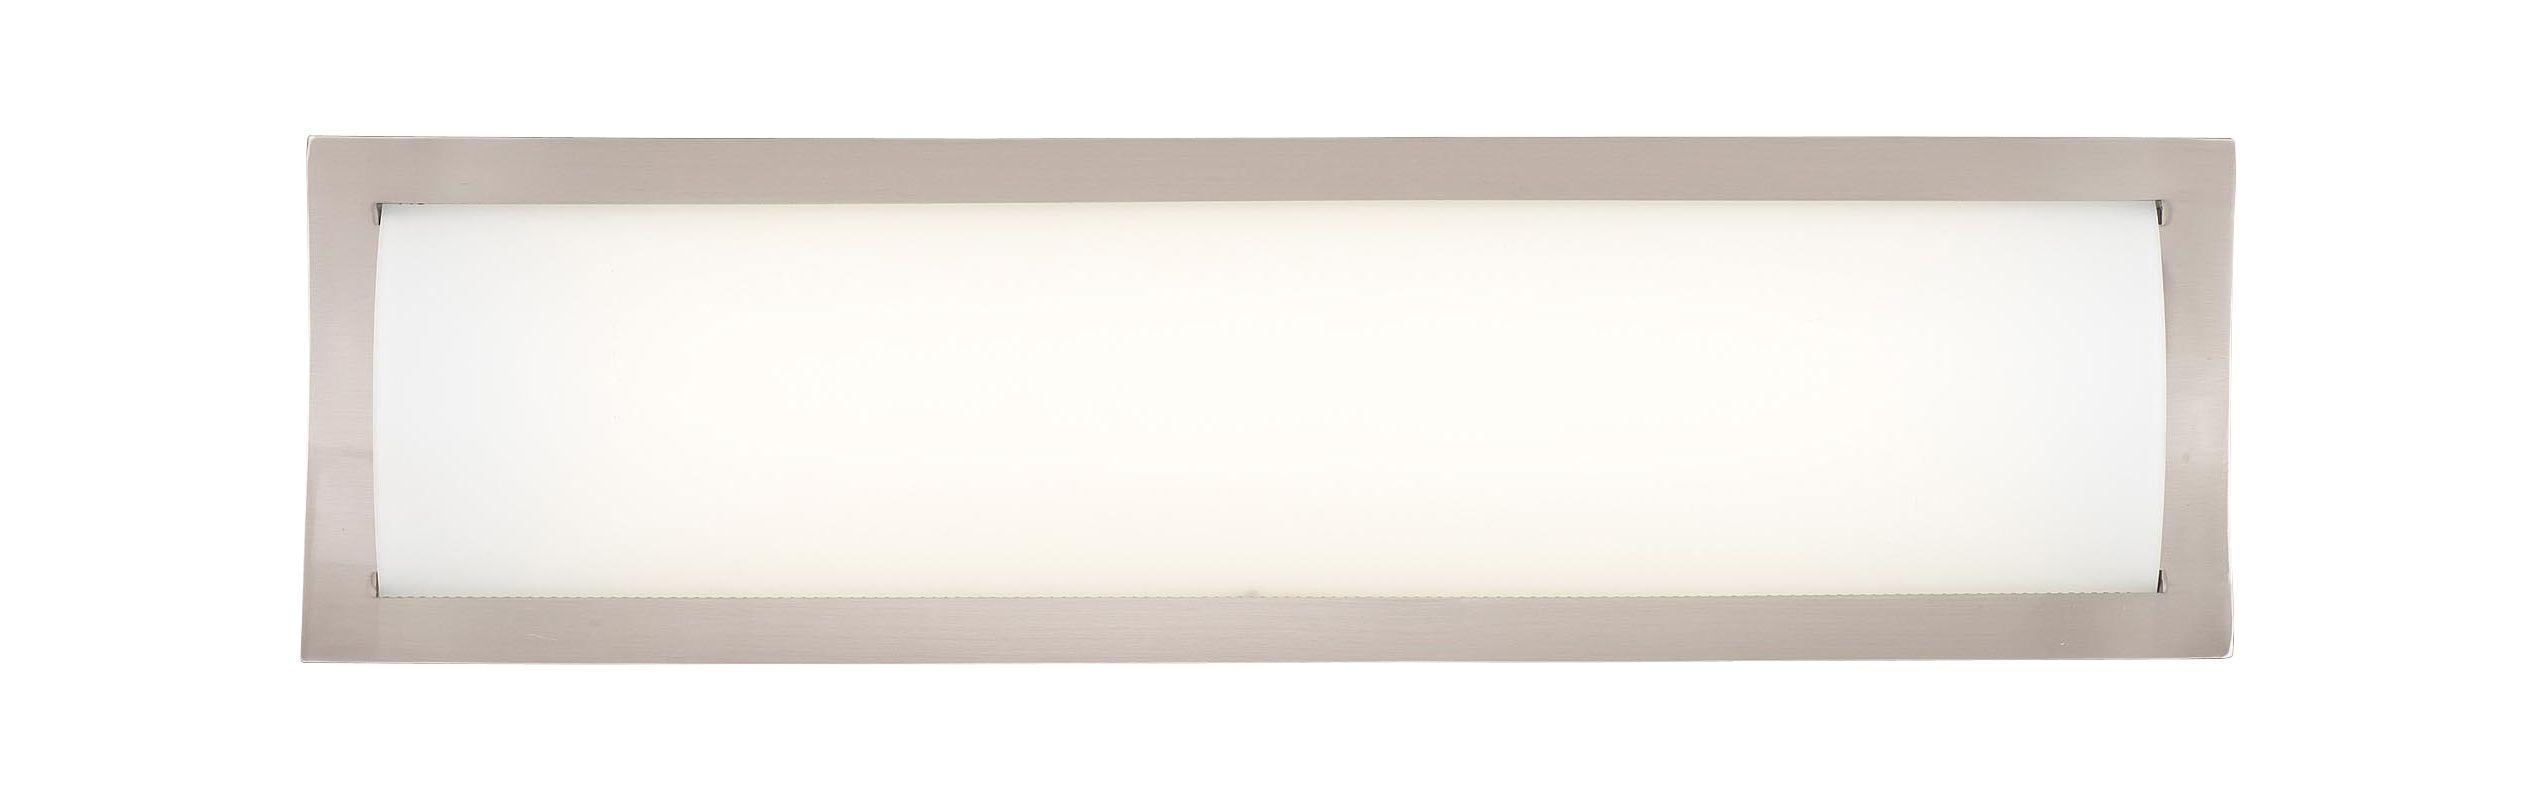 """Forecast Lighting F353036U 1 Light 24.75"""" Wide Bathroom Vanity Light Sale $243.00 ITEM: bci2747938 ID#:F353036U UPC: 742546092520 :"""